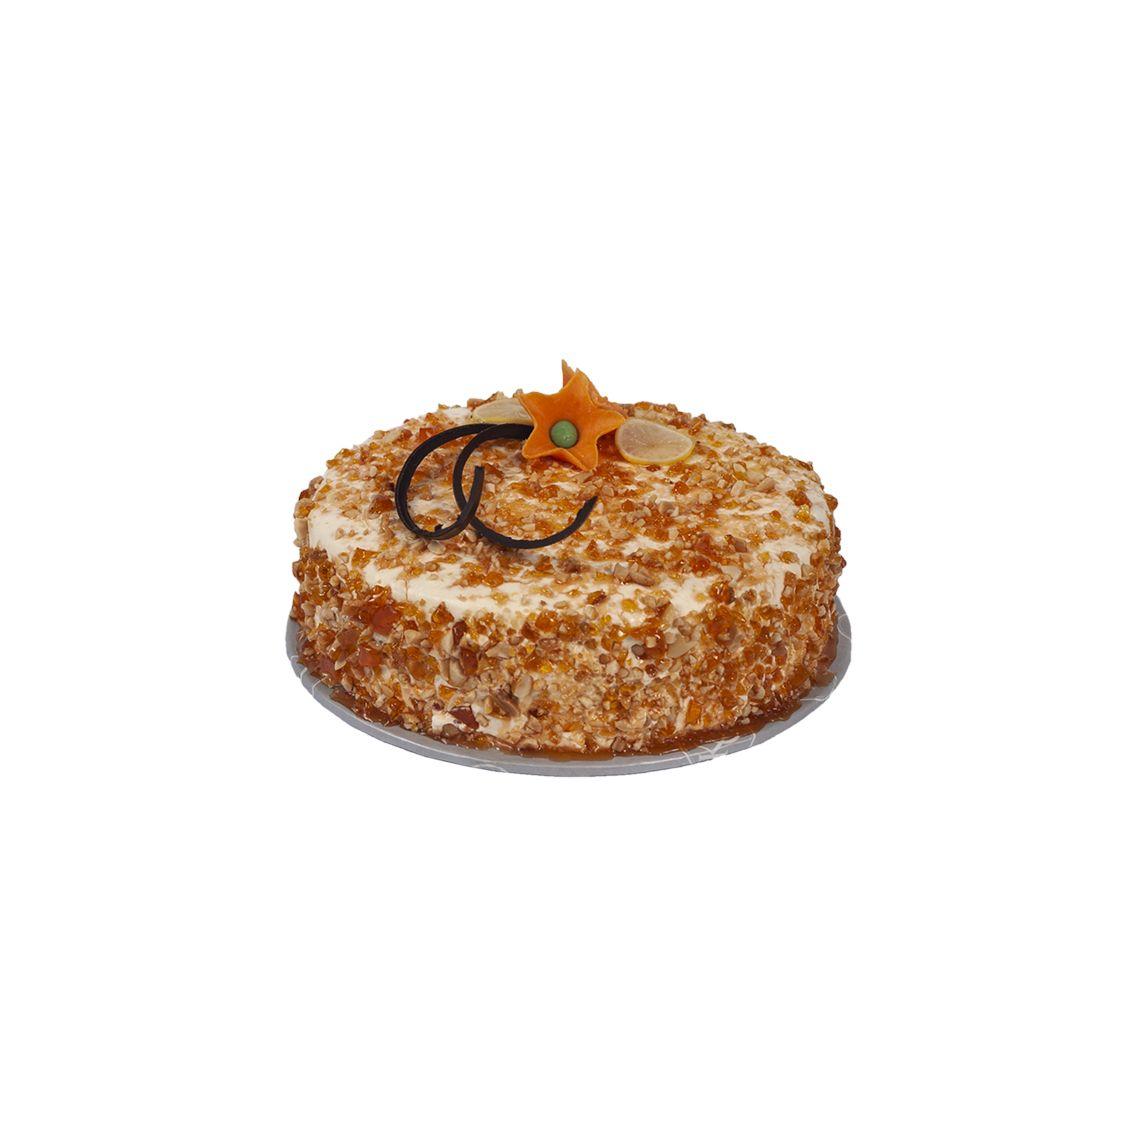 Kitchen Cuisine Default Category Lemon Crunch Cake